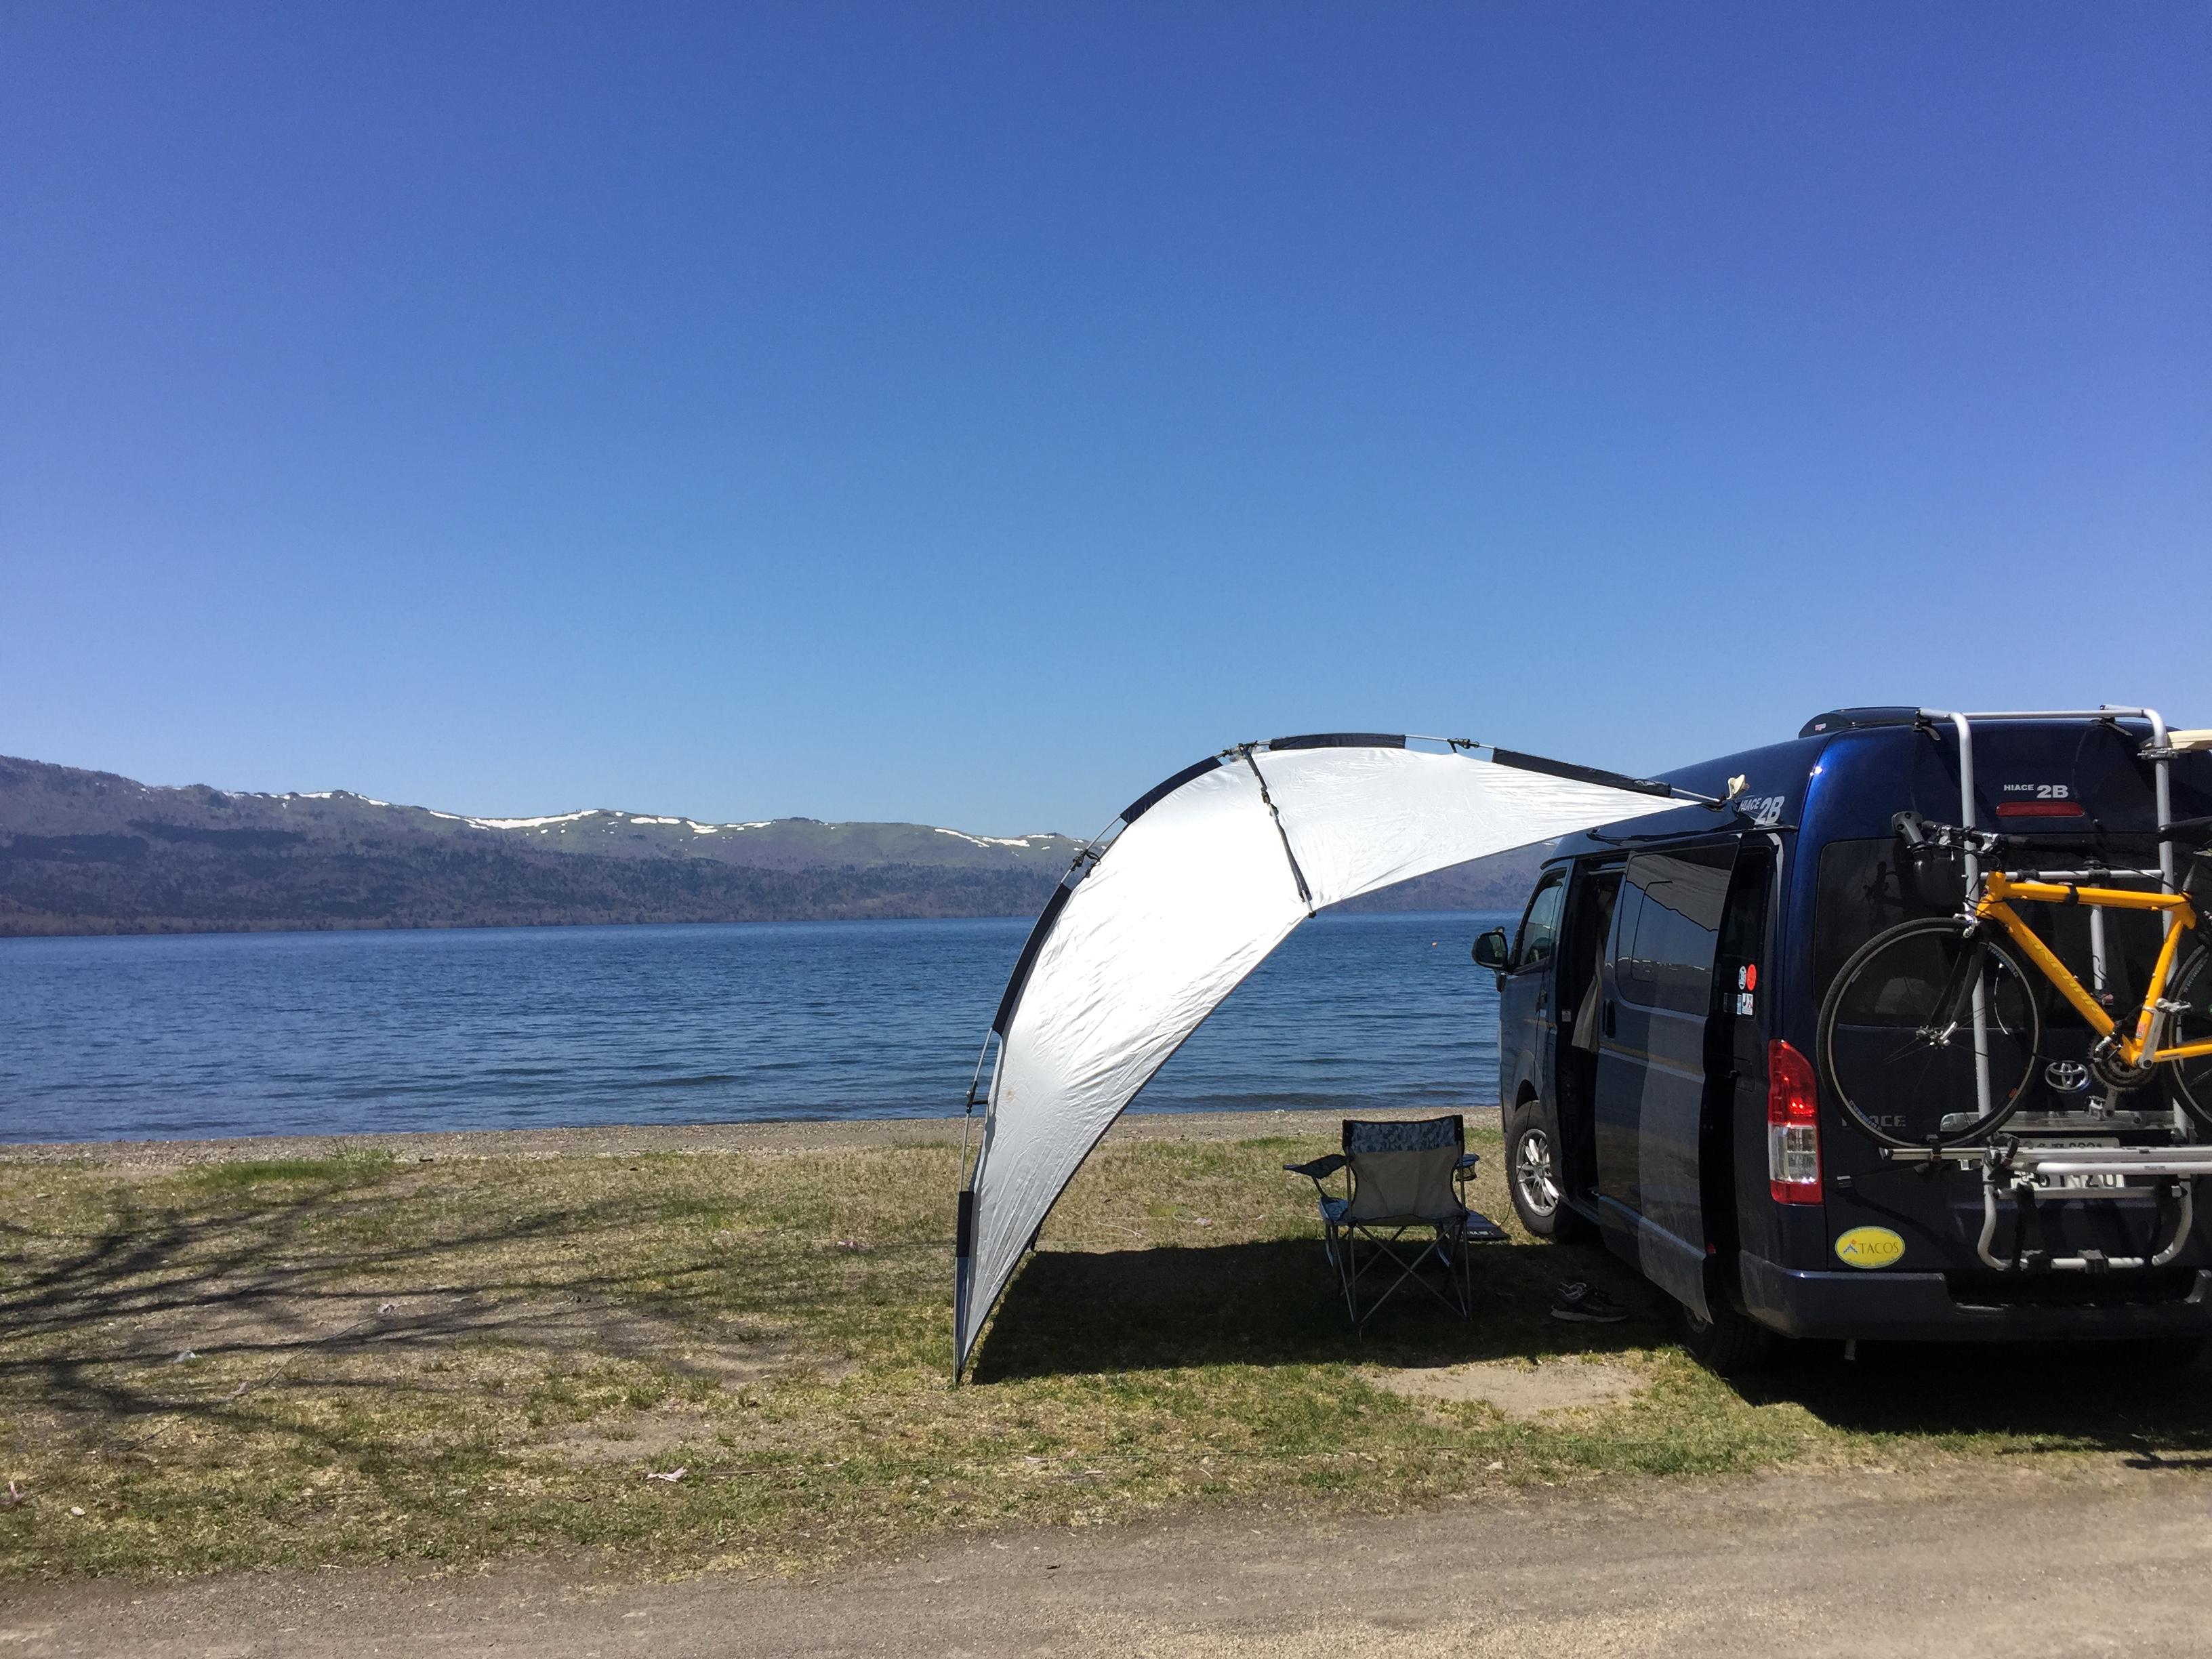 北海道 屈斜路湖 このタープは貸し出します(有料)